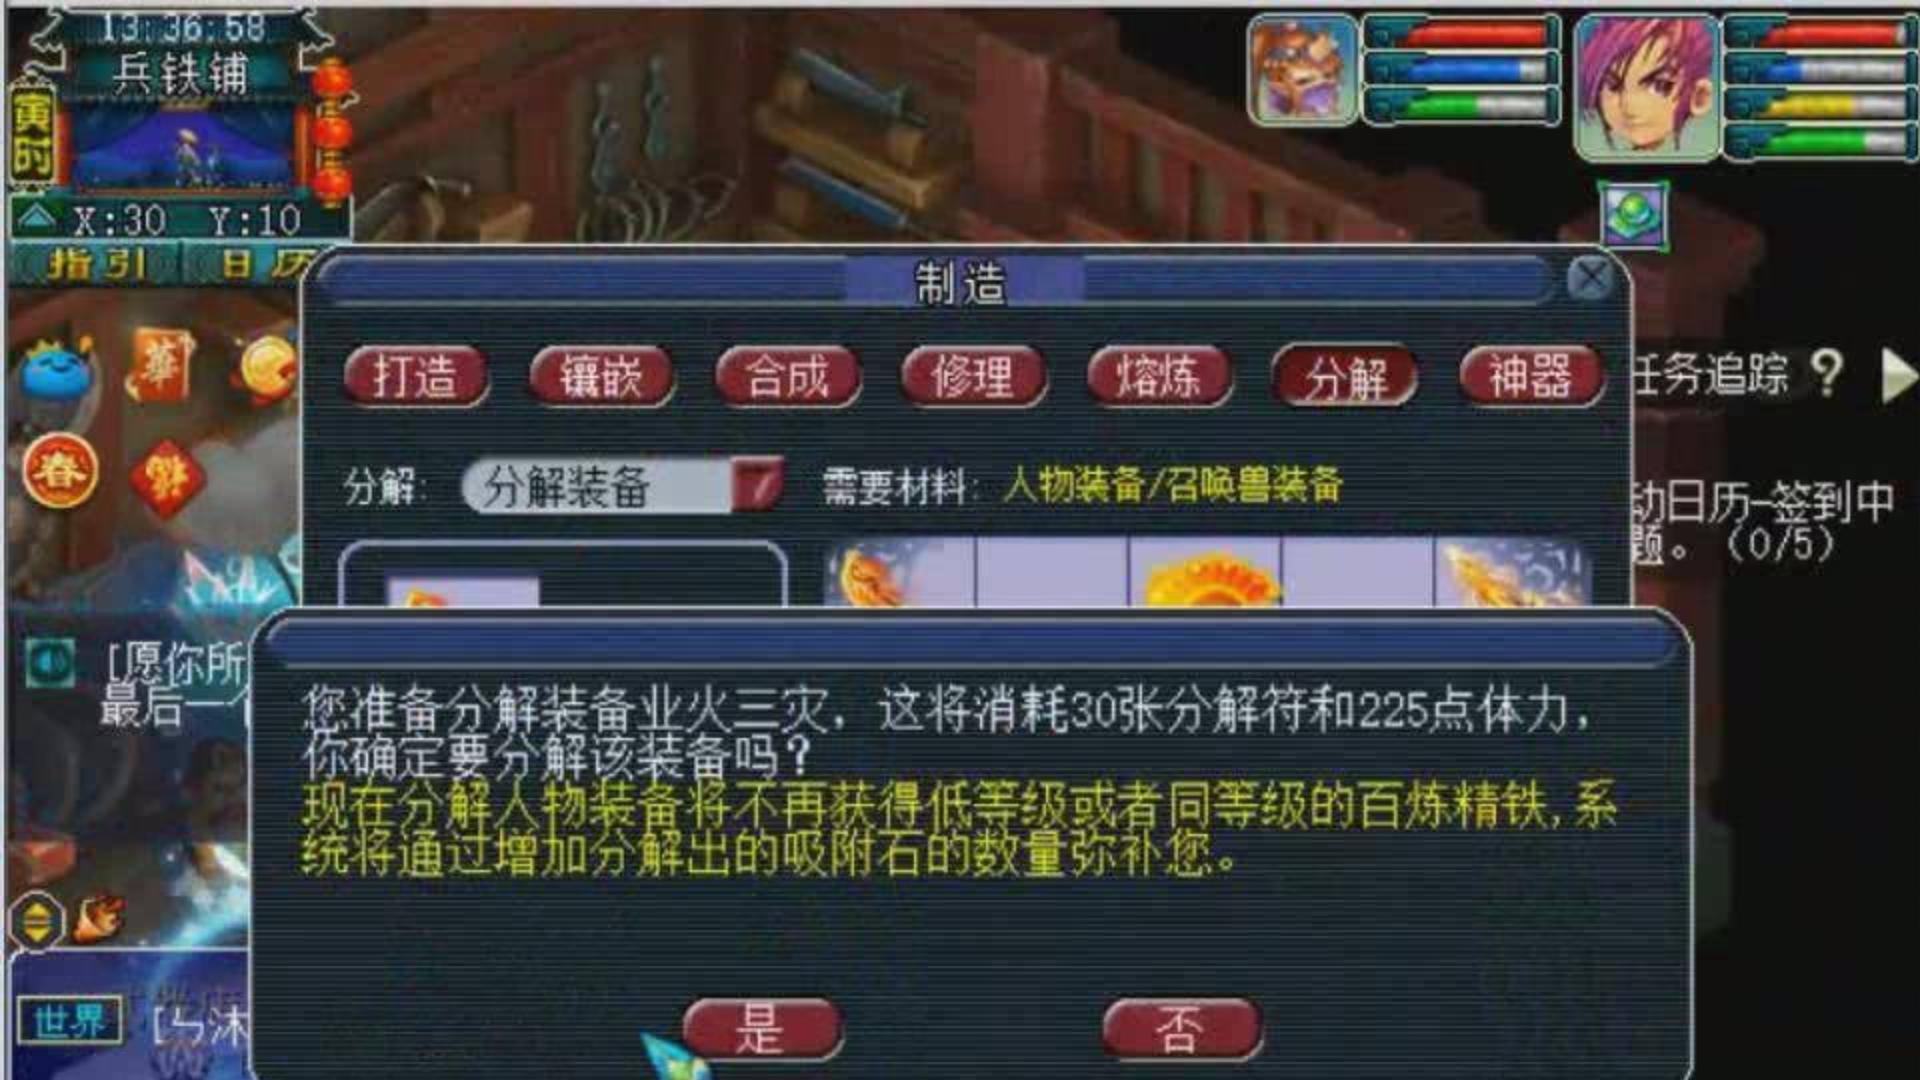 梦幻西游:老王一时大意竟把这样的武器分解了,内容引起极度舒适